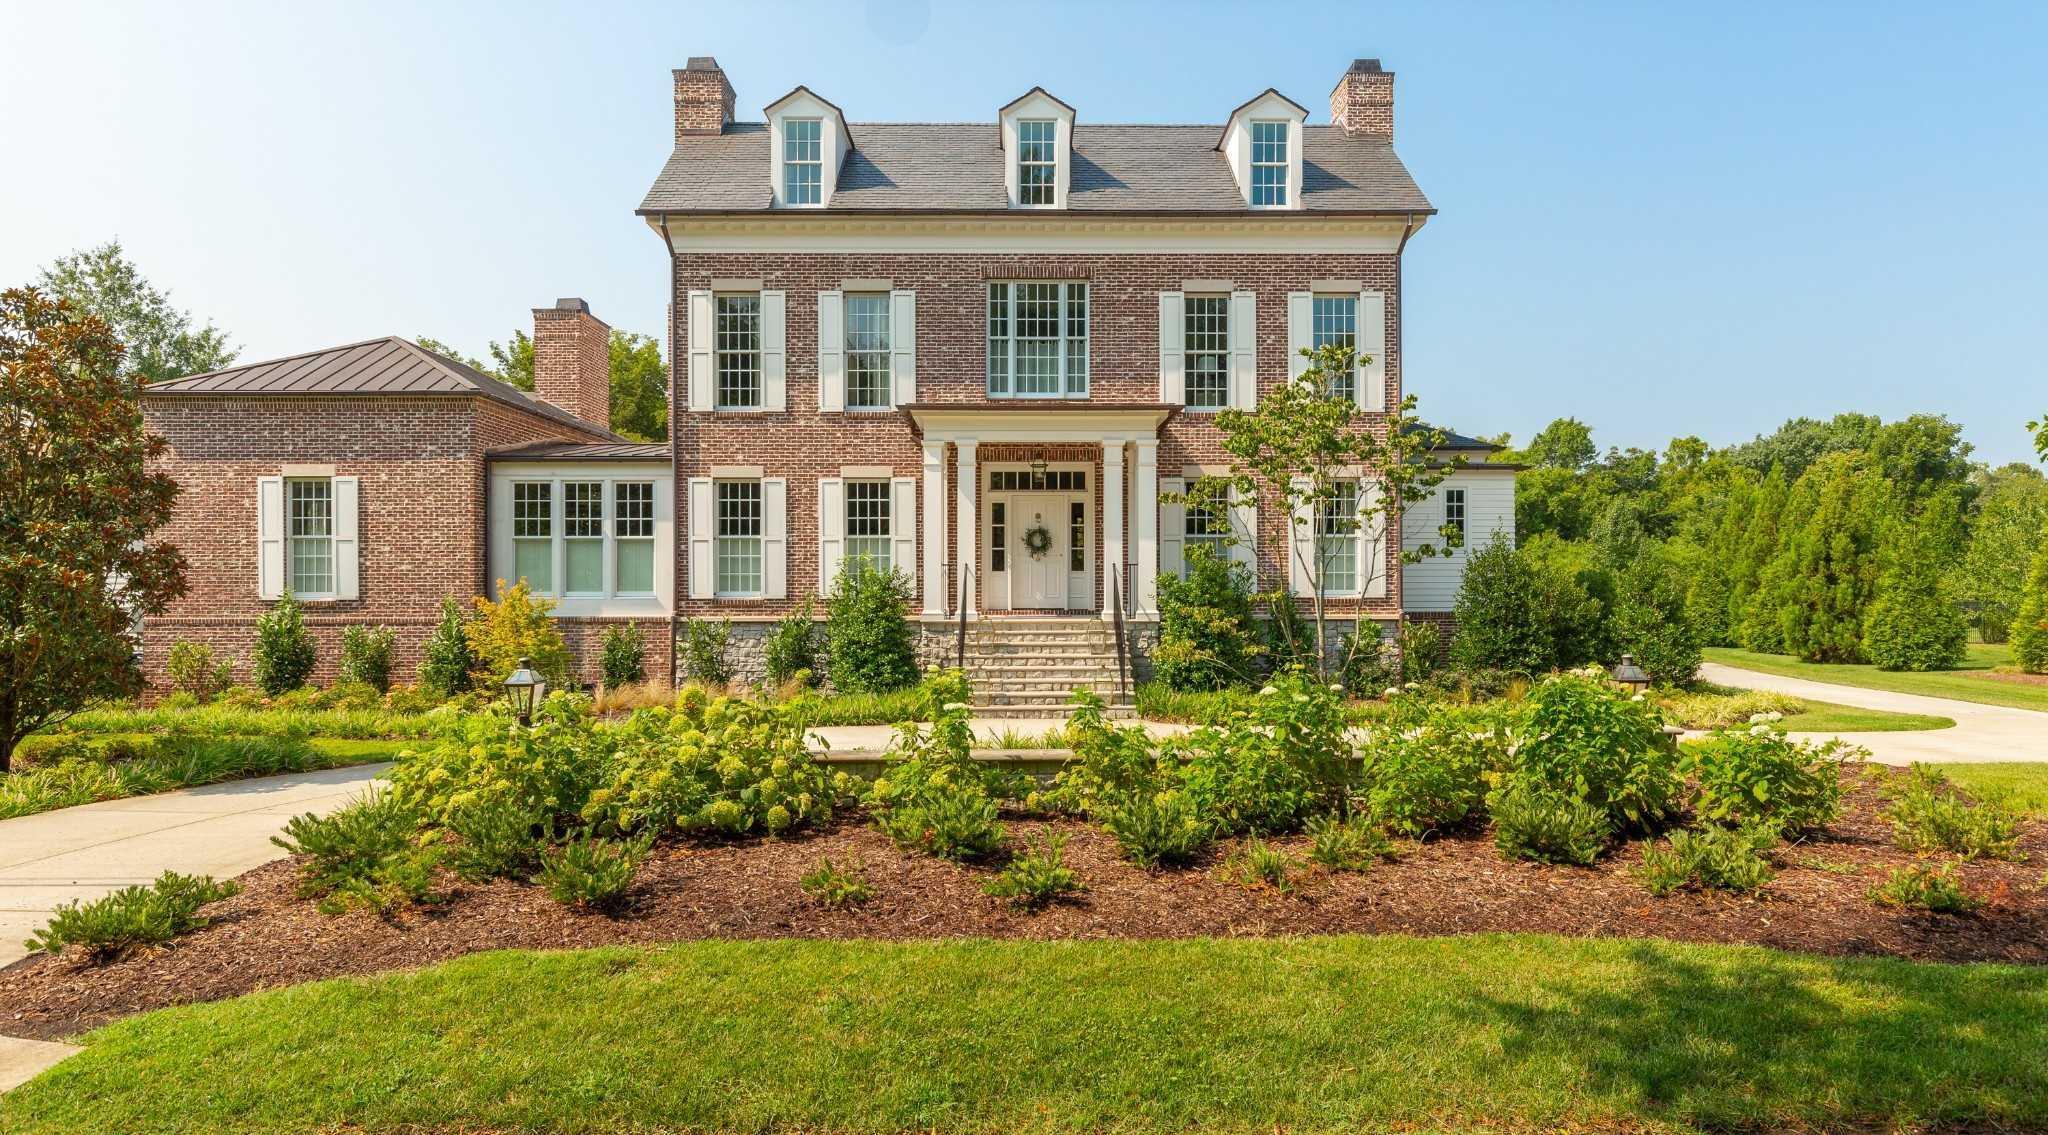 $4,489,000 - 5Br/8Ba -  for Sale in Belle Meade, Nashville